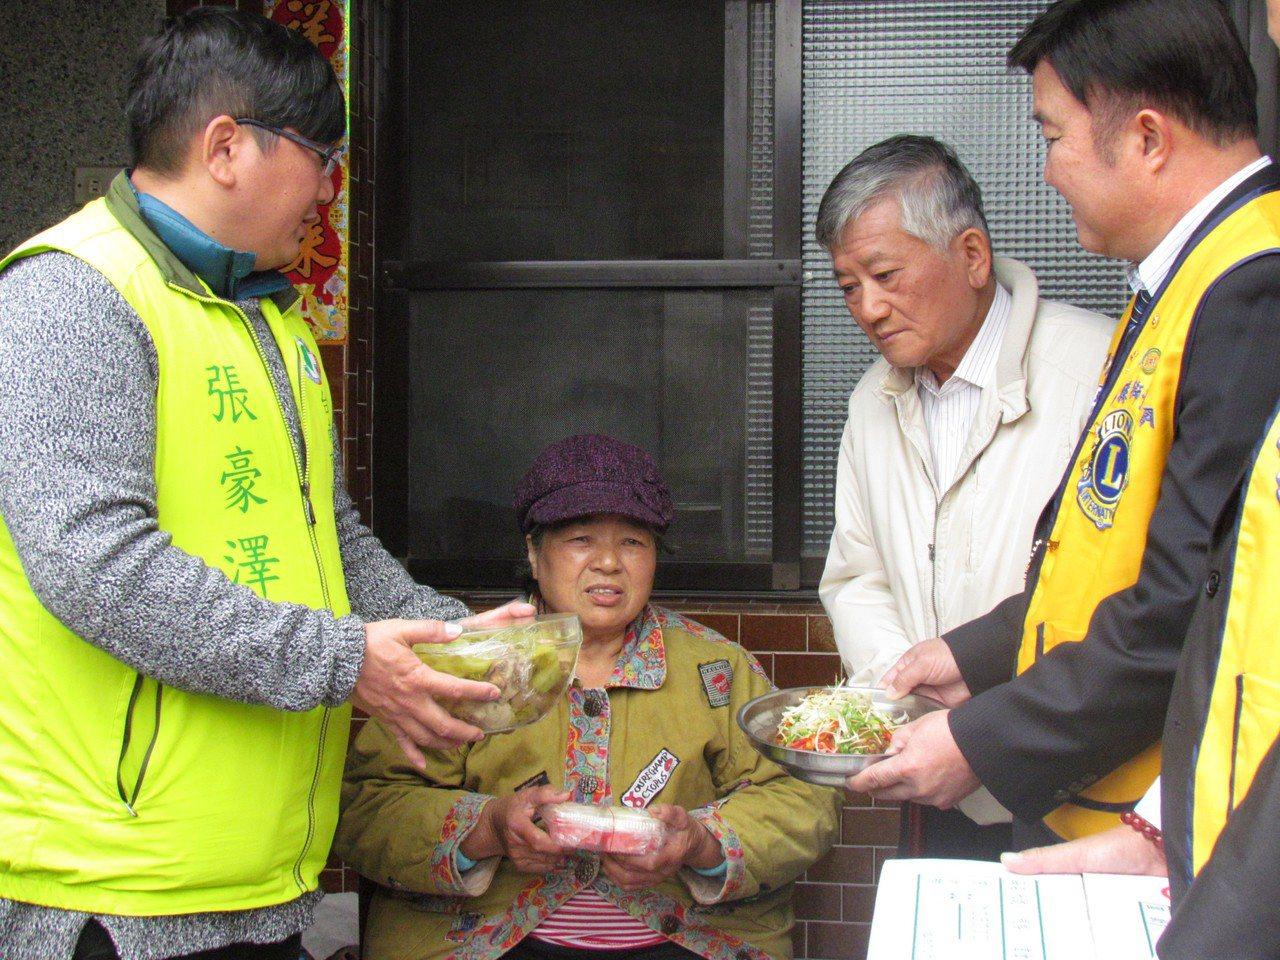 蓮心園送年菜給獨居老人。圖/蓮心園提供